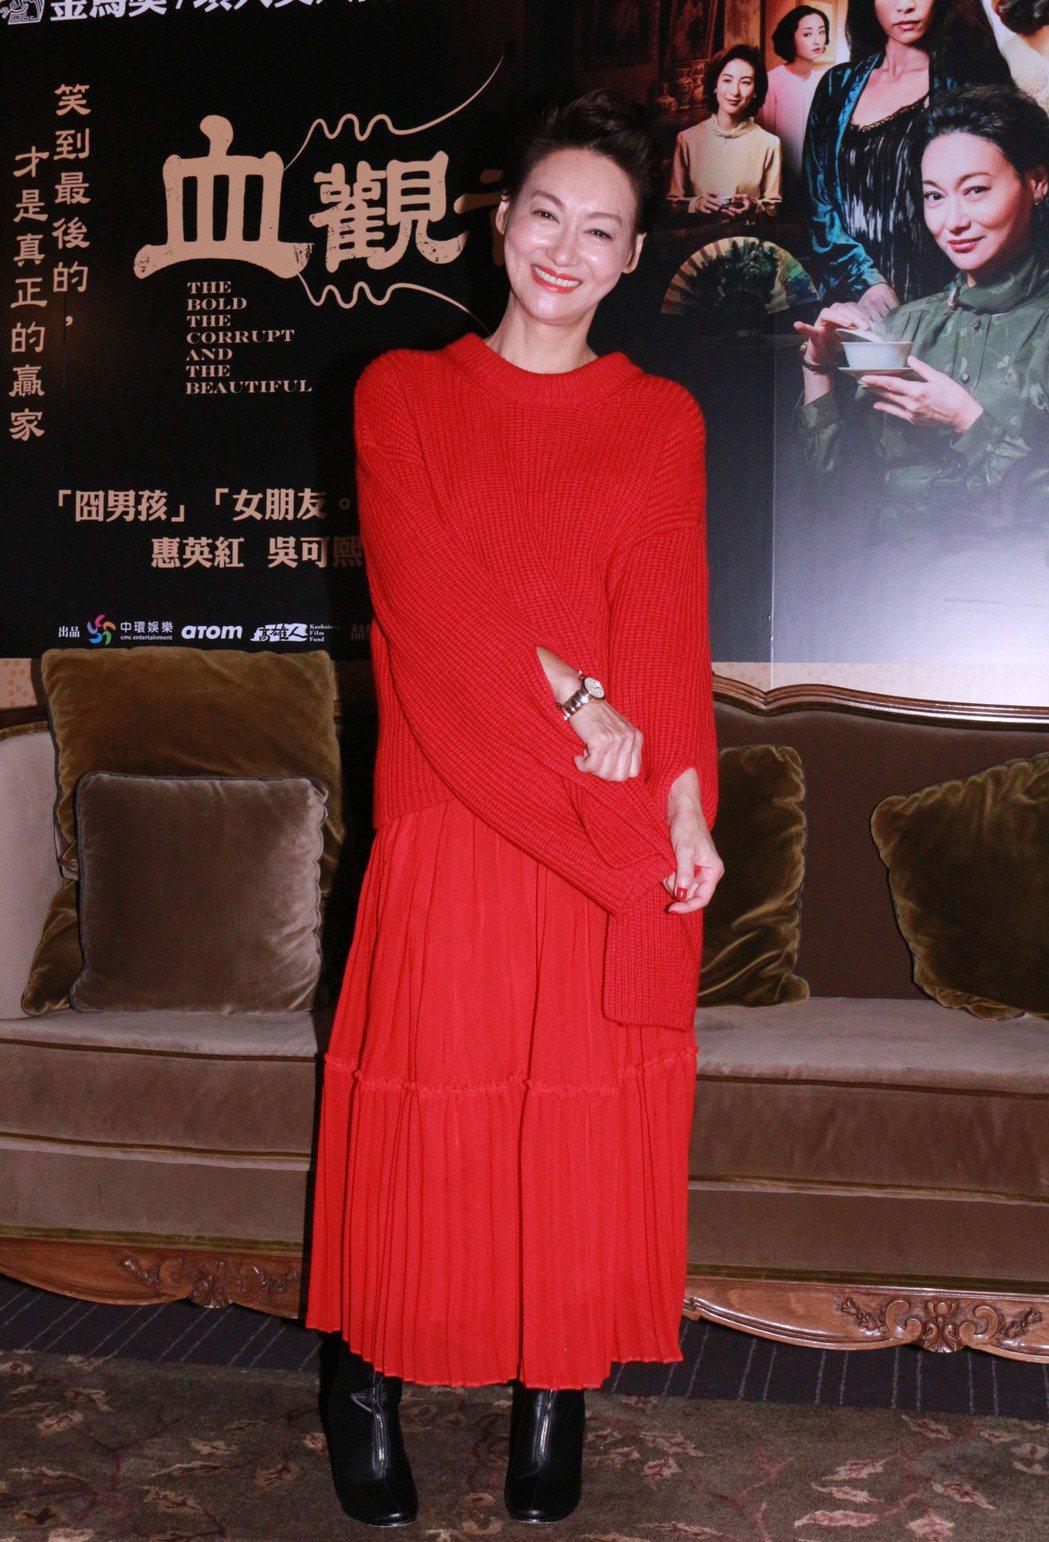 電影「血觀音」入圍本屆金馬獎7大獎項,片中演員惠英紅首度角逐金馬影后。片中惠英紅